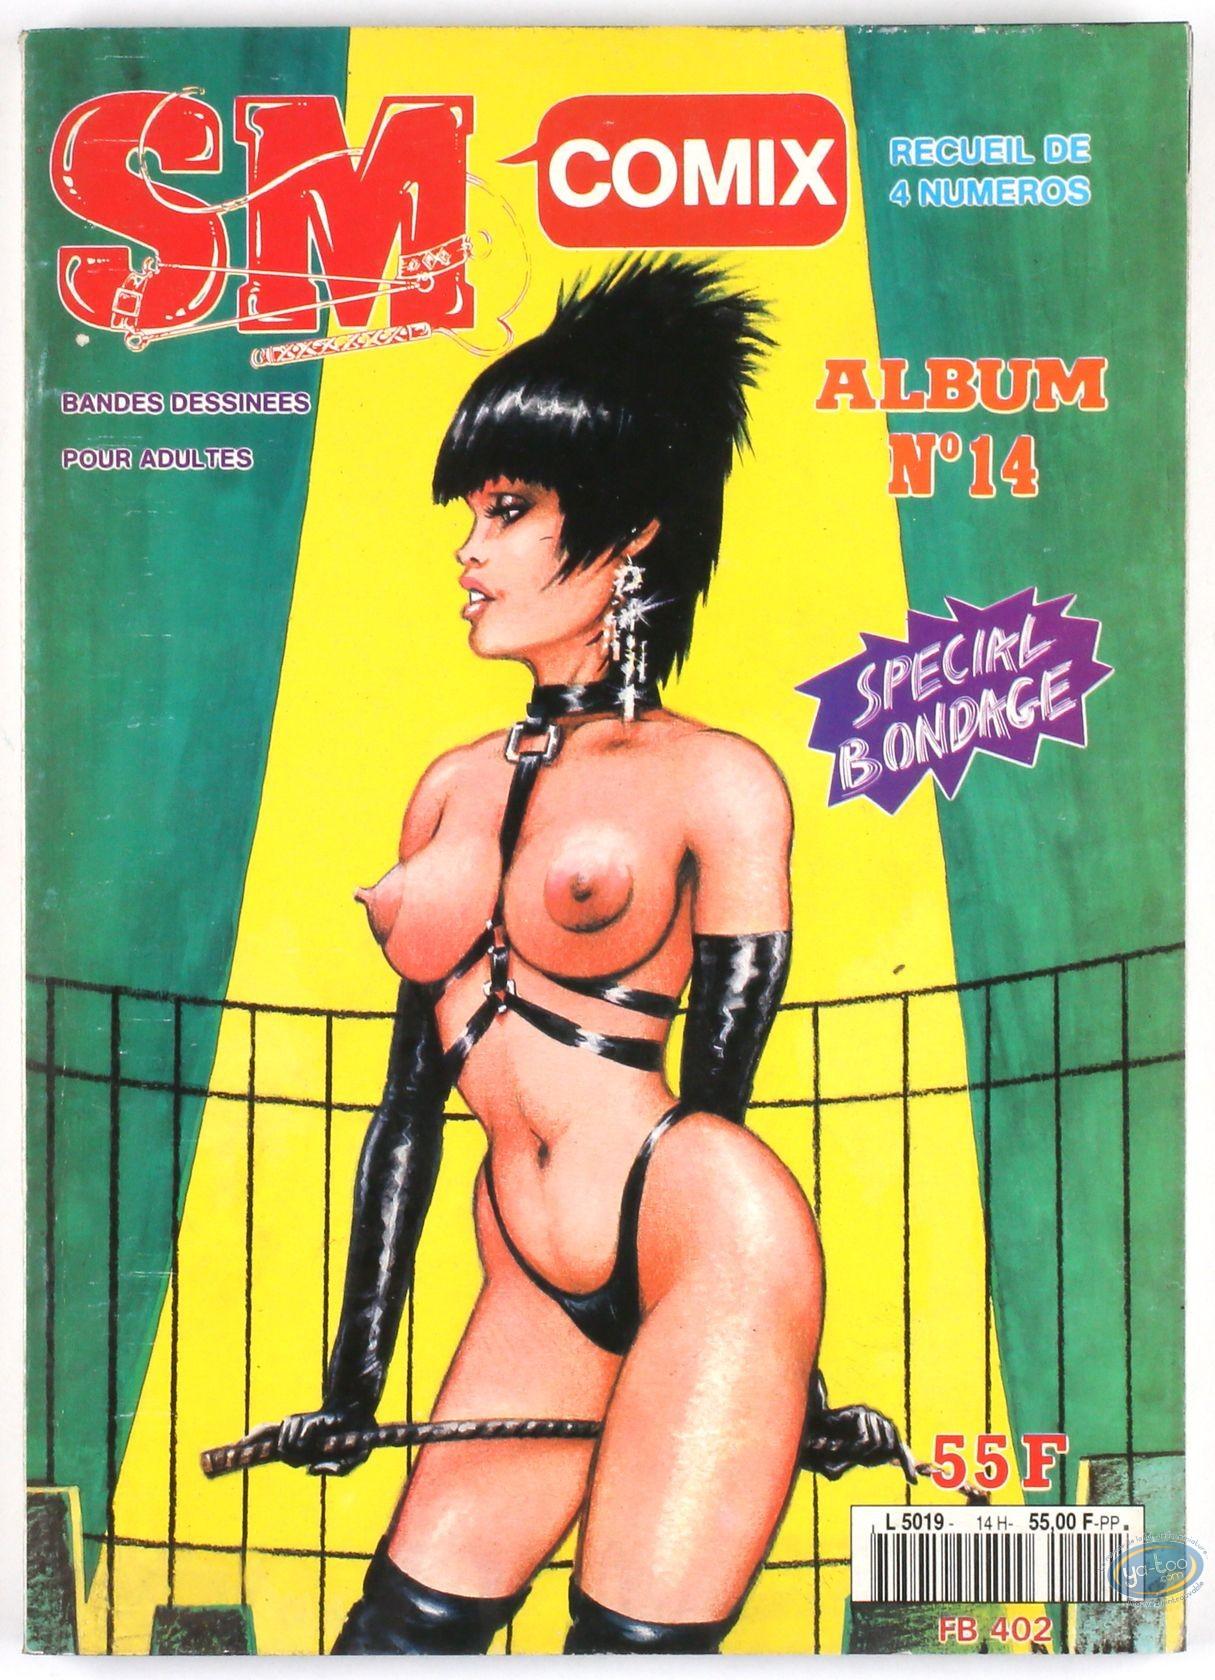 BD adultes, SM Comix N°14, Recueil de 4 numéros Special Bondage